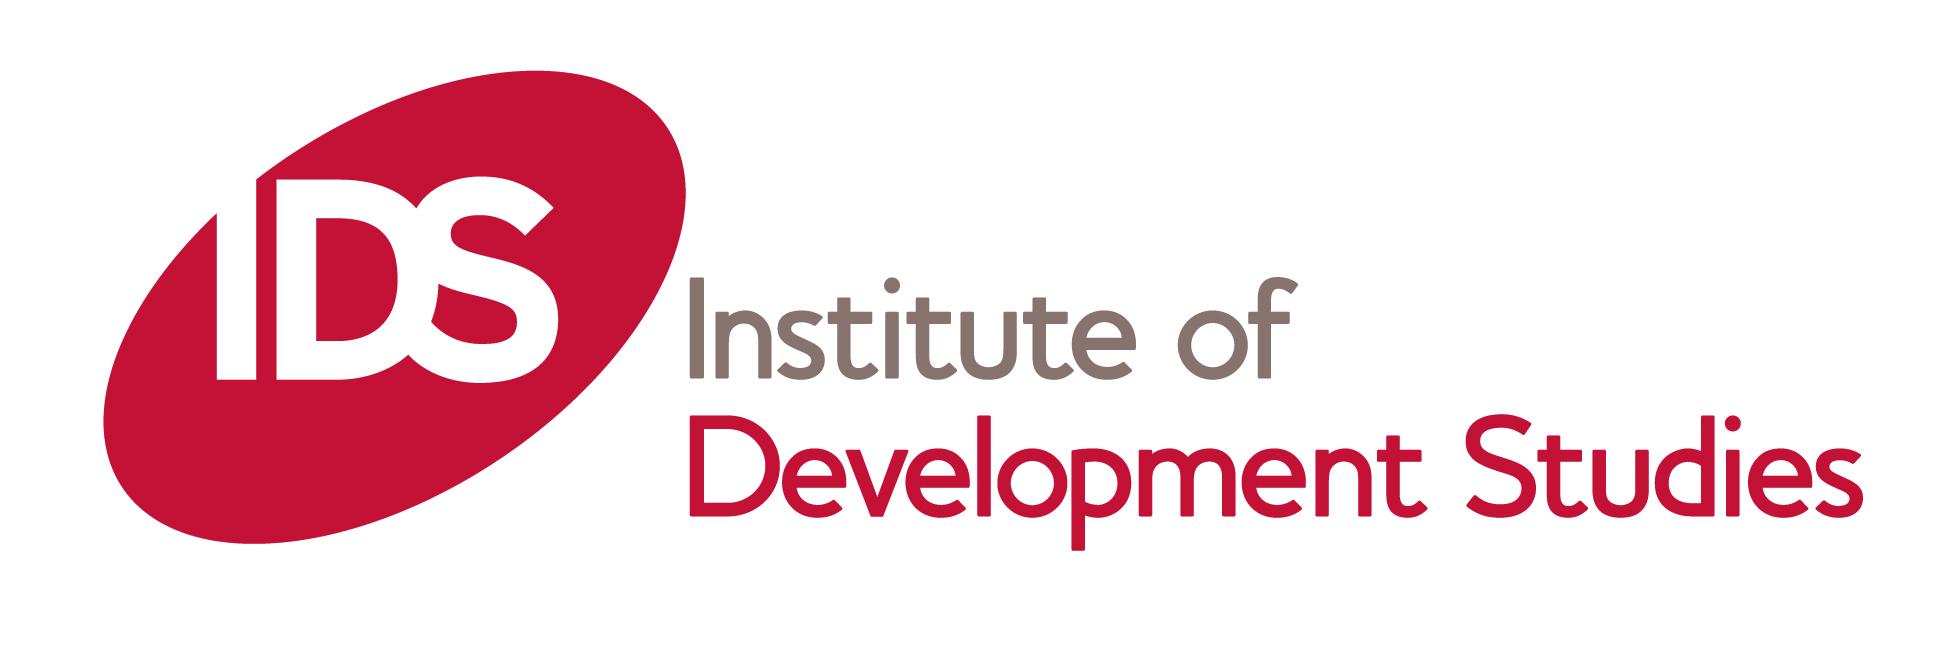 IDS_Master-Logo_4col.jpg